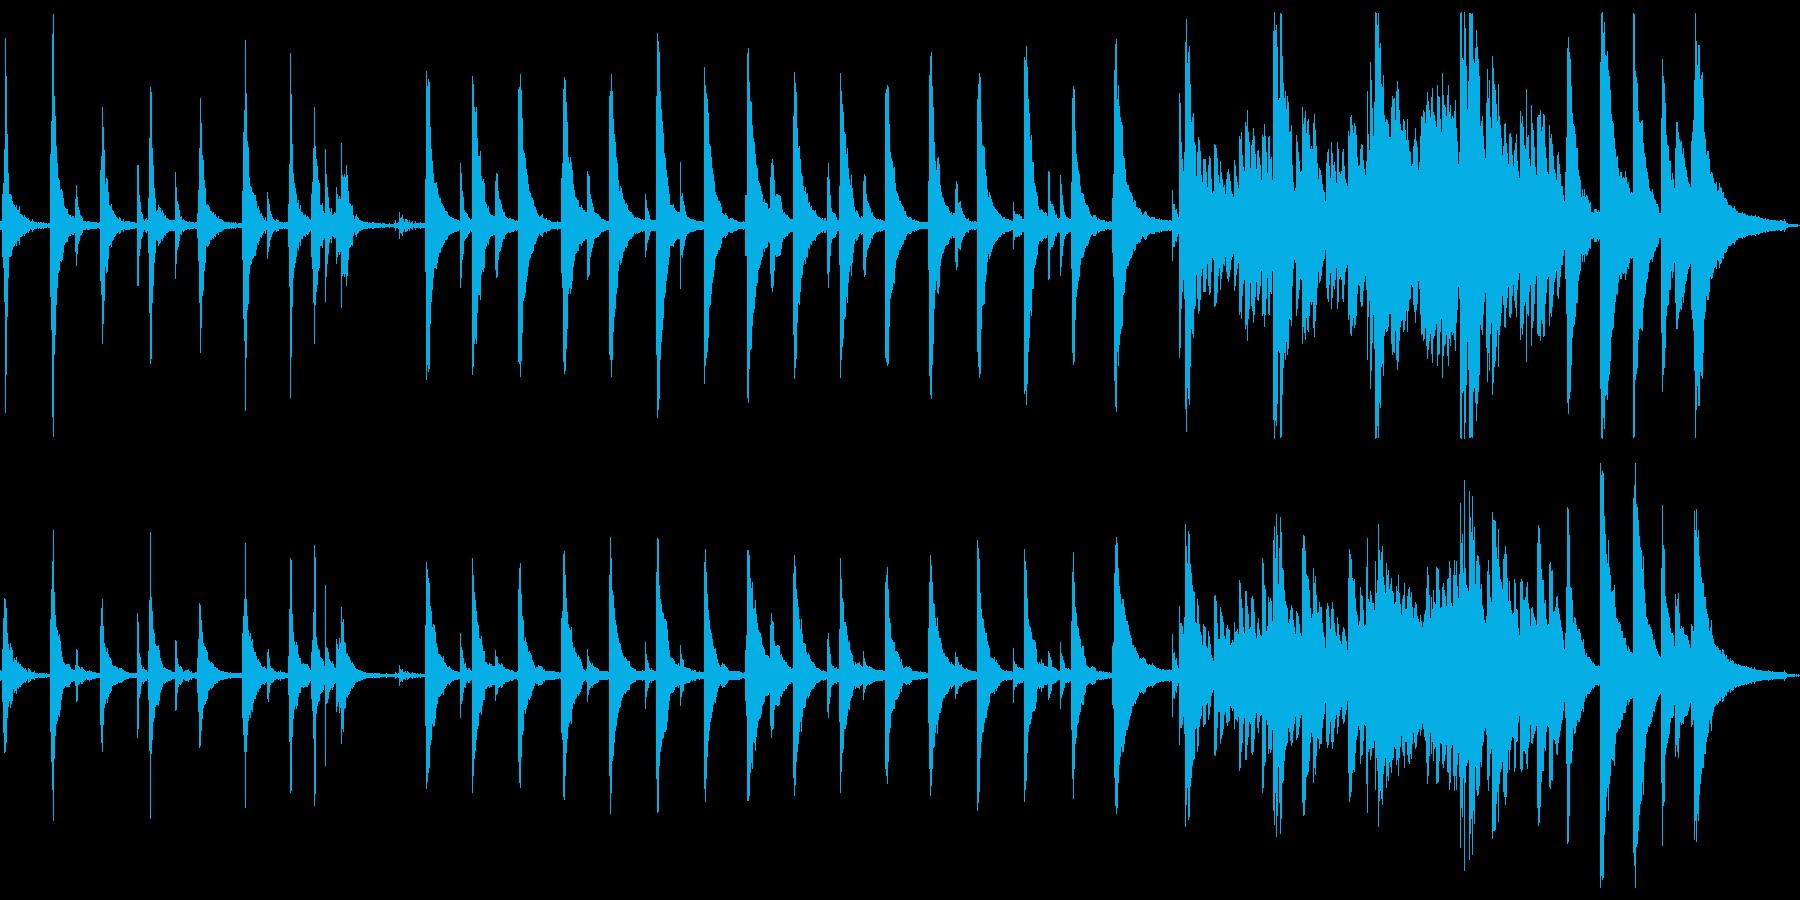 切なく幻想的なゆったりピアノソロの再生済みの波形